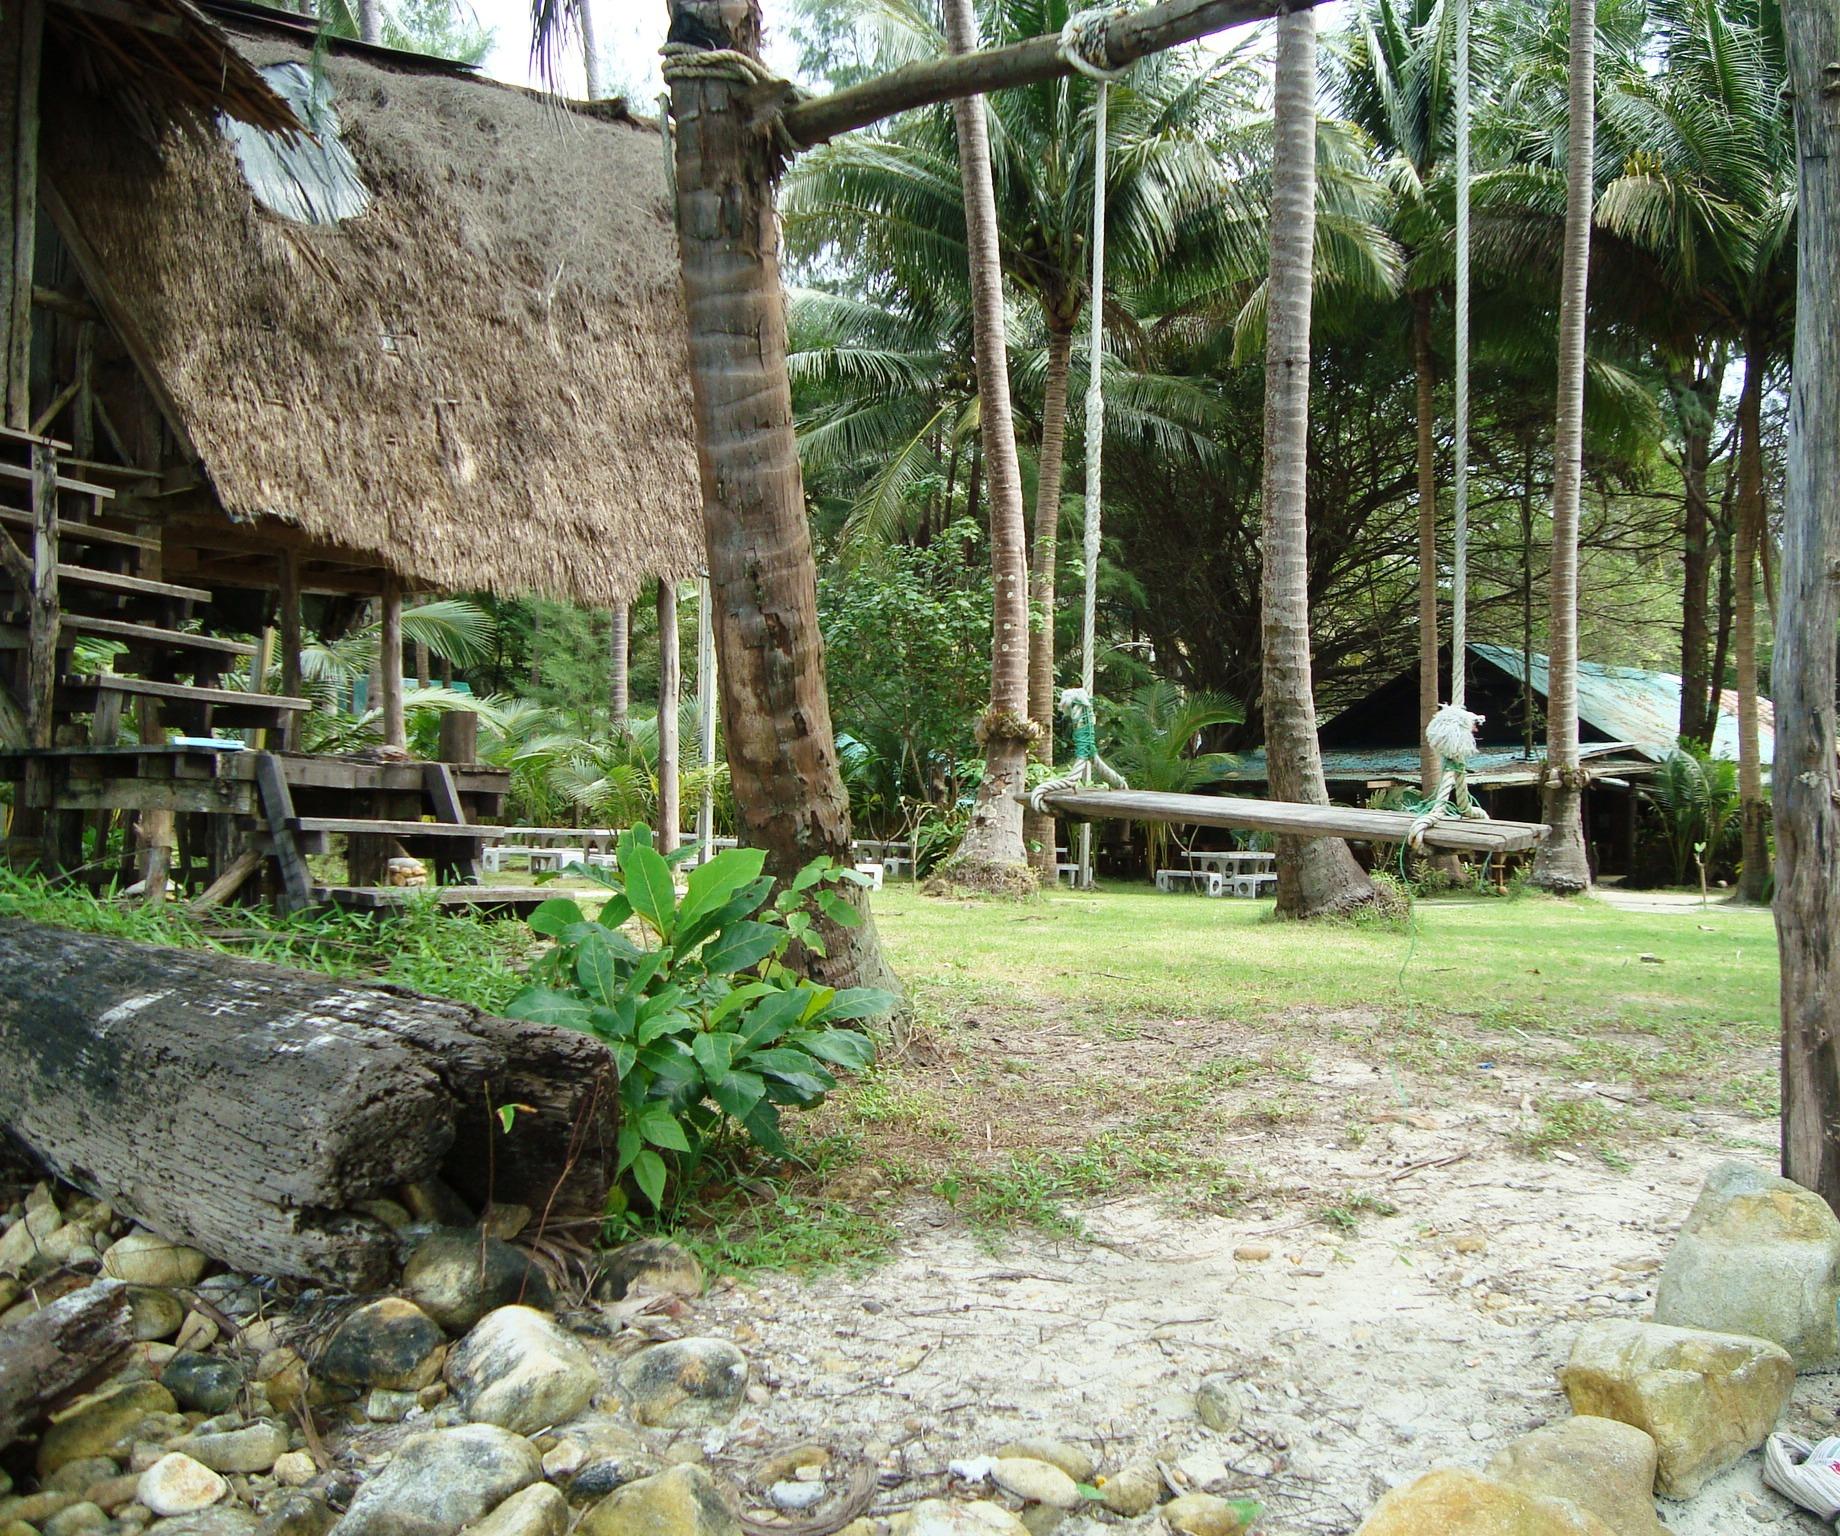 Tropical Beach Swing, Asia, Summer, Wood, Tropical, HQ Photo